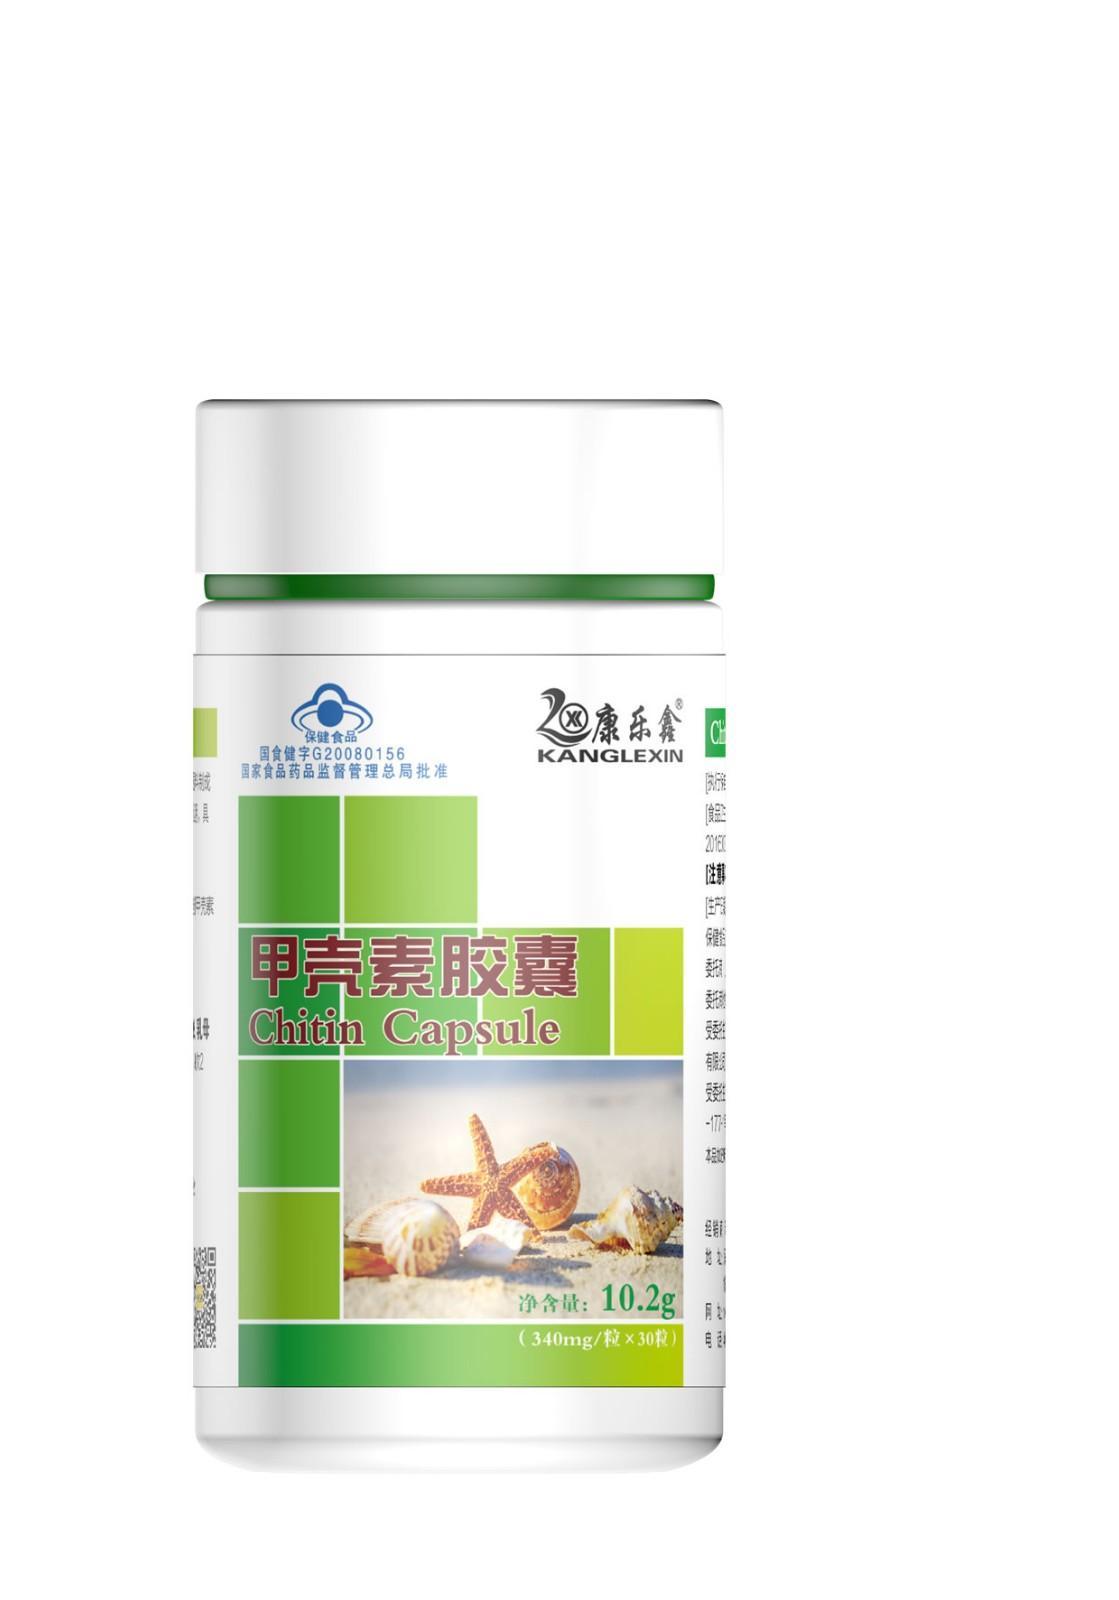 甲壳素胶囊|国食健字G20080156